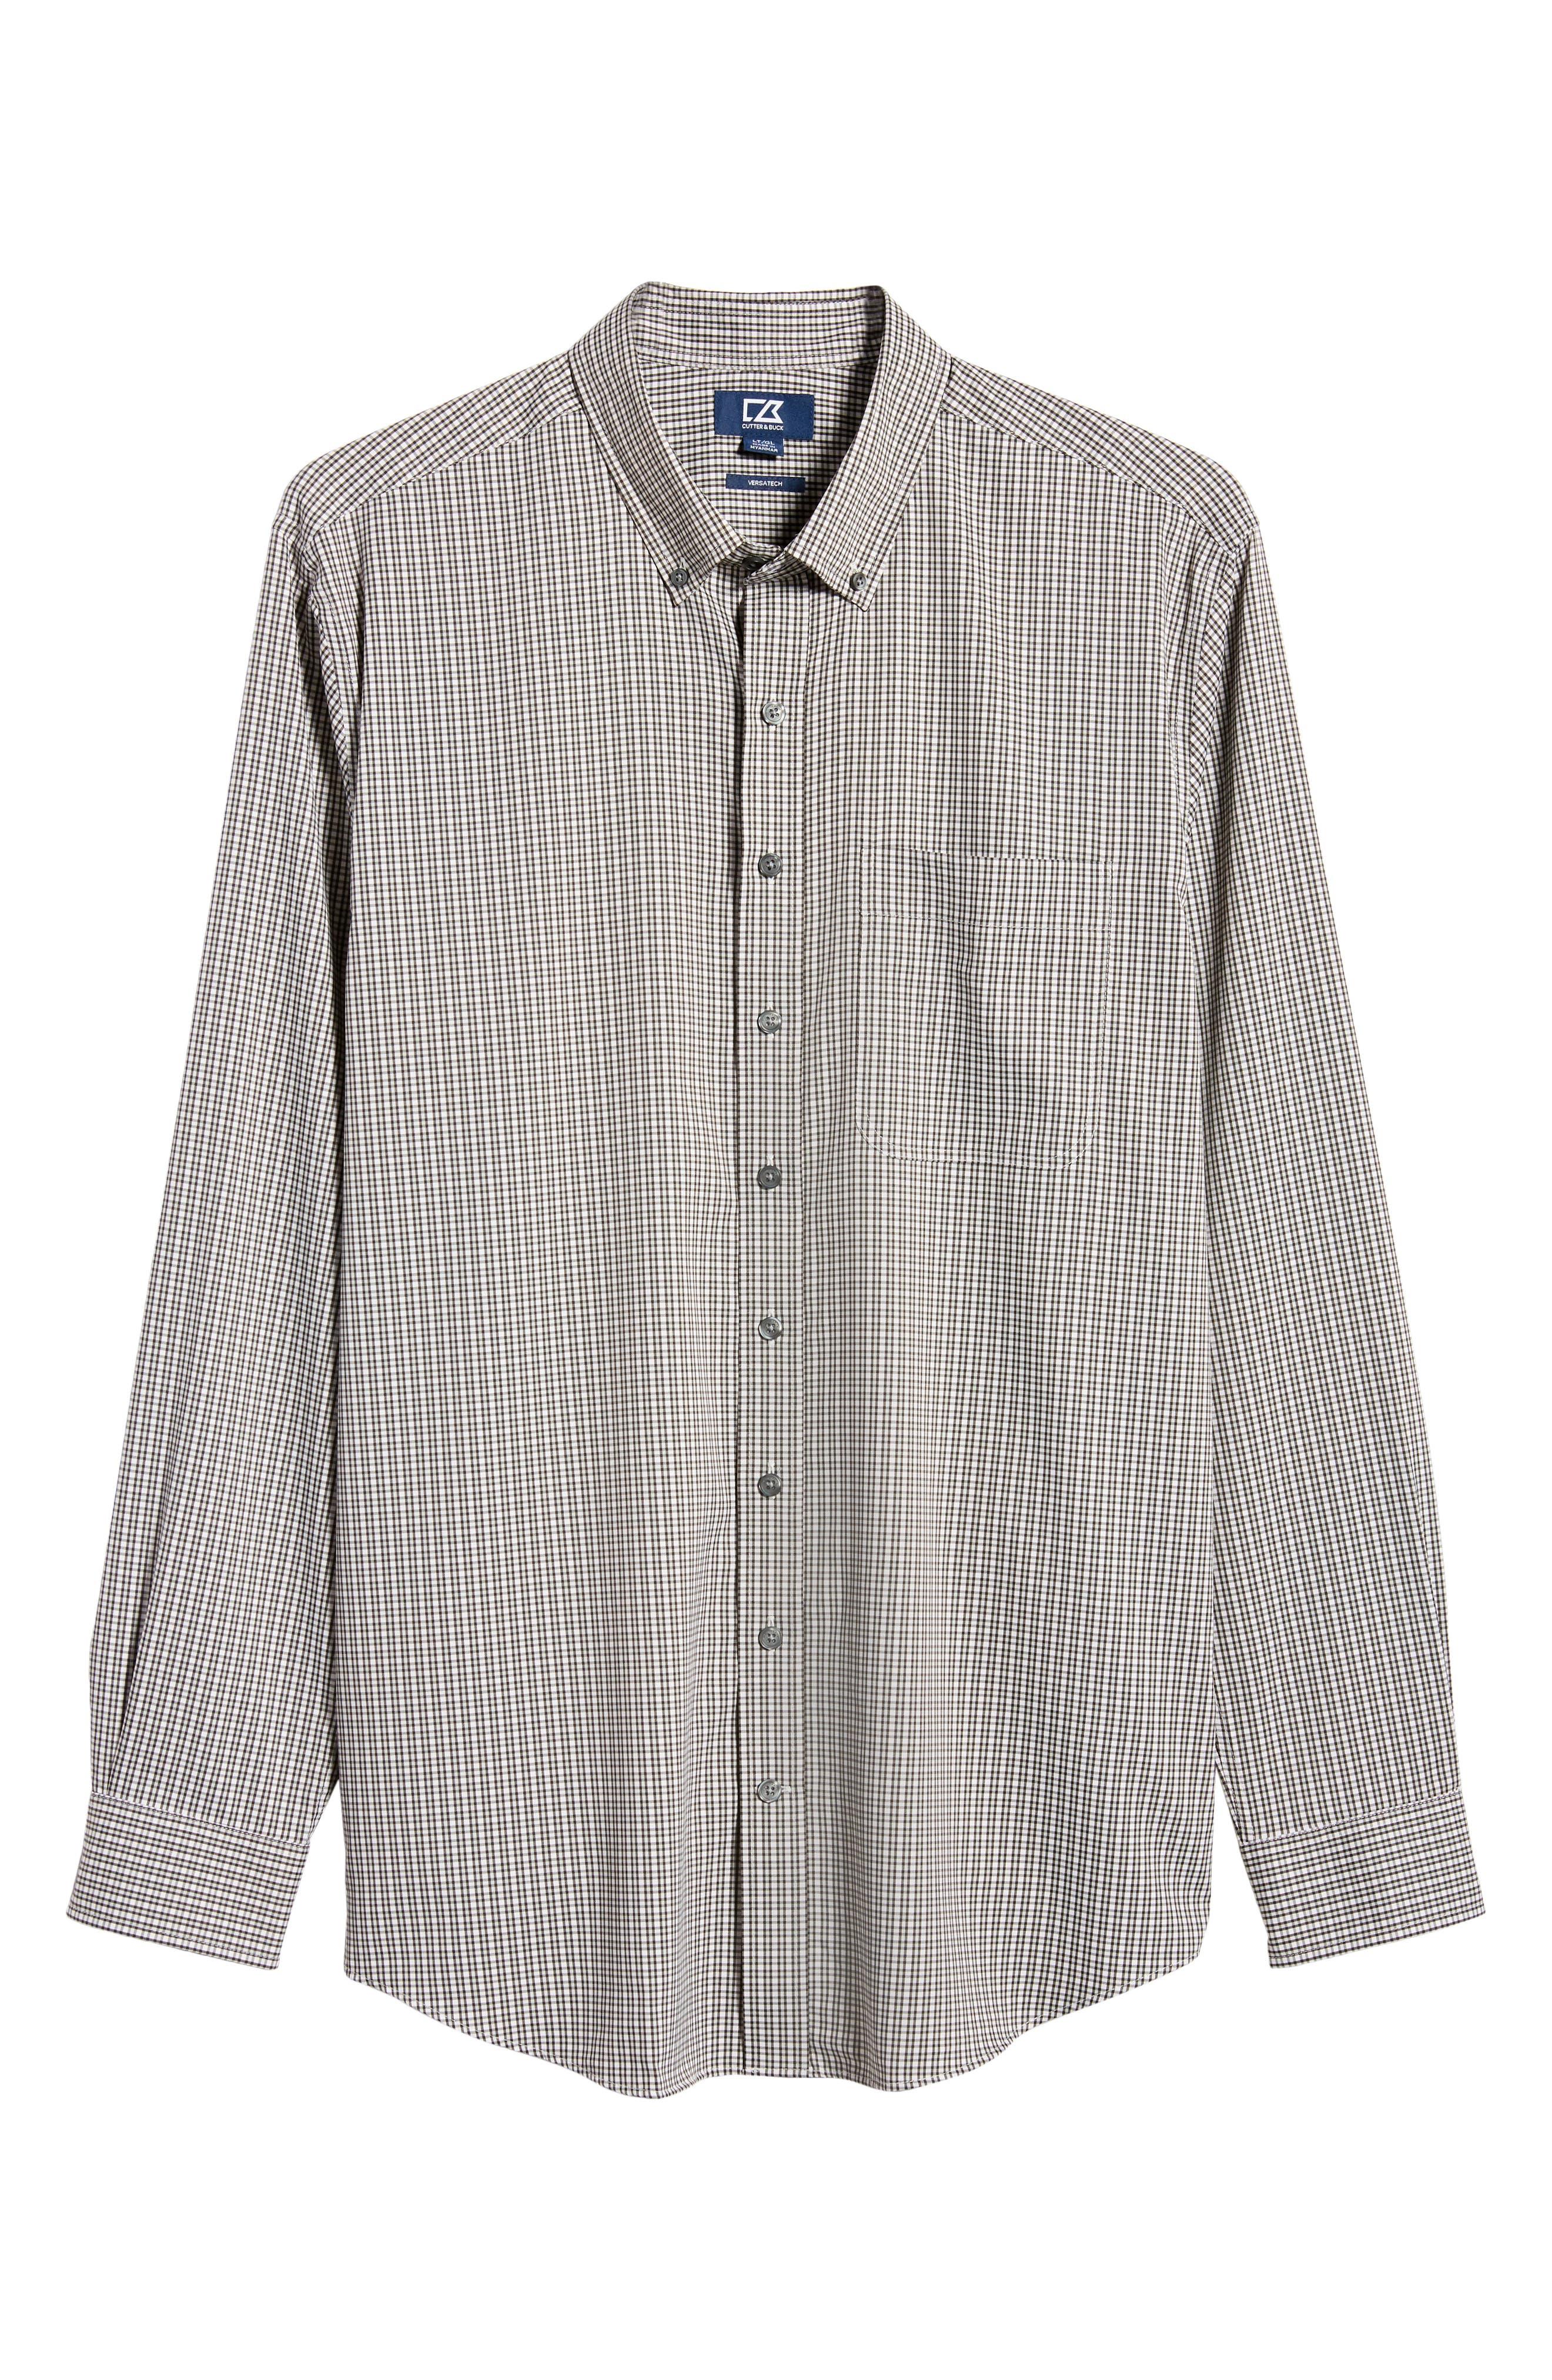 Men's Big & Tall Cutter & Buck Versatech Multi Check Classic Fit Button-Up Performance Shirt